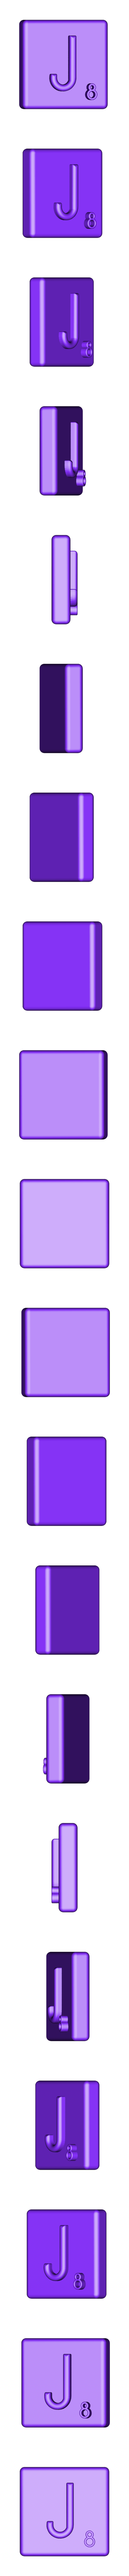 Single_Extruded_J.STL Télécharger fichier STL gratuit Pièces et support SCRABBBLE • Design pour imprimante 3D, Balkhagal4D